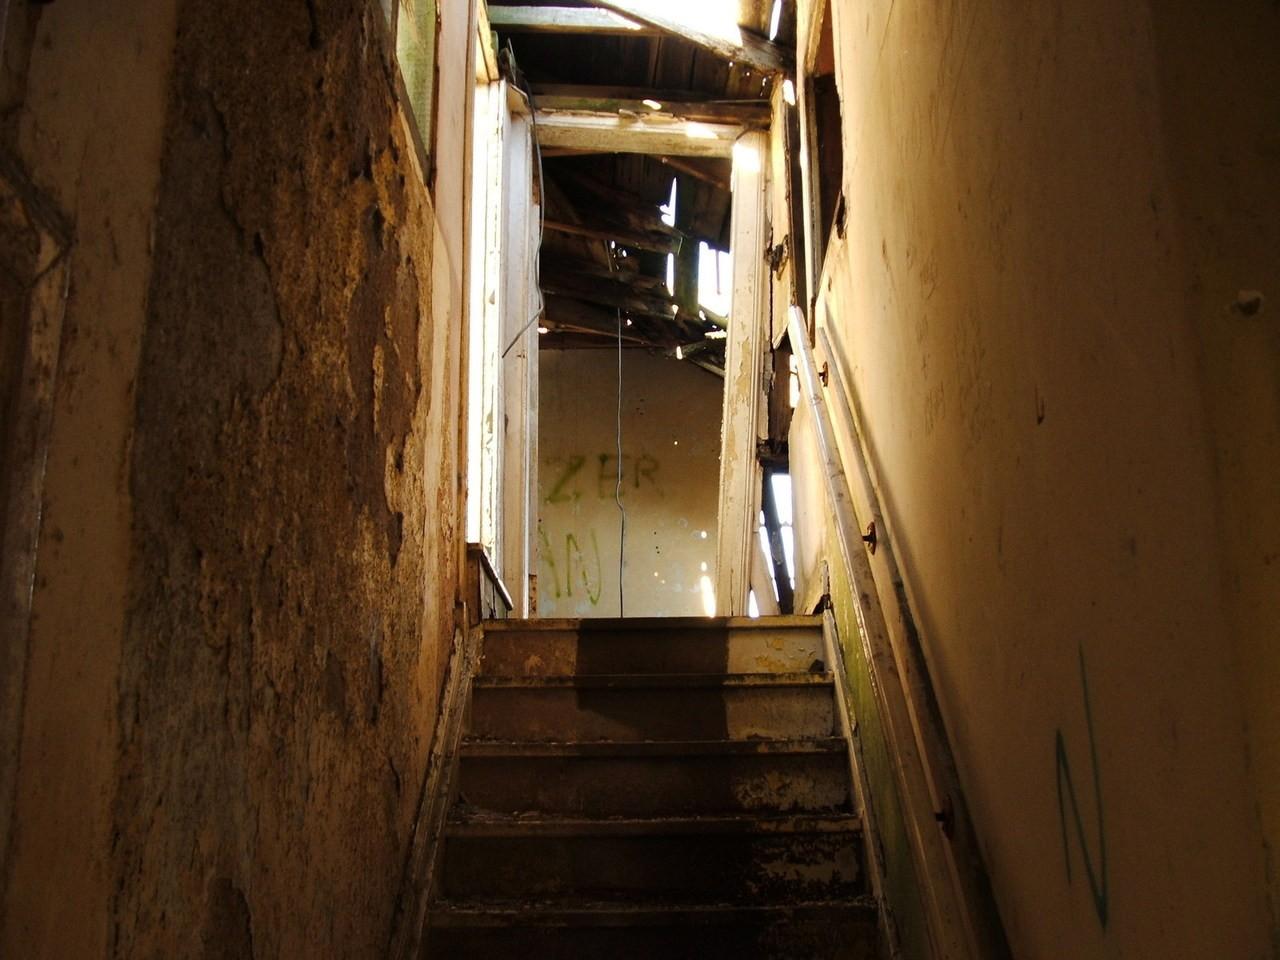 Tynkowanie ścian – co musisz wiedzieć?